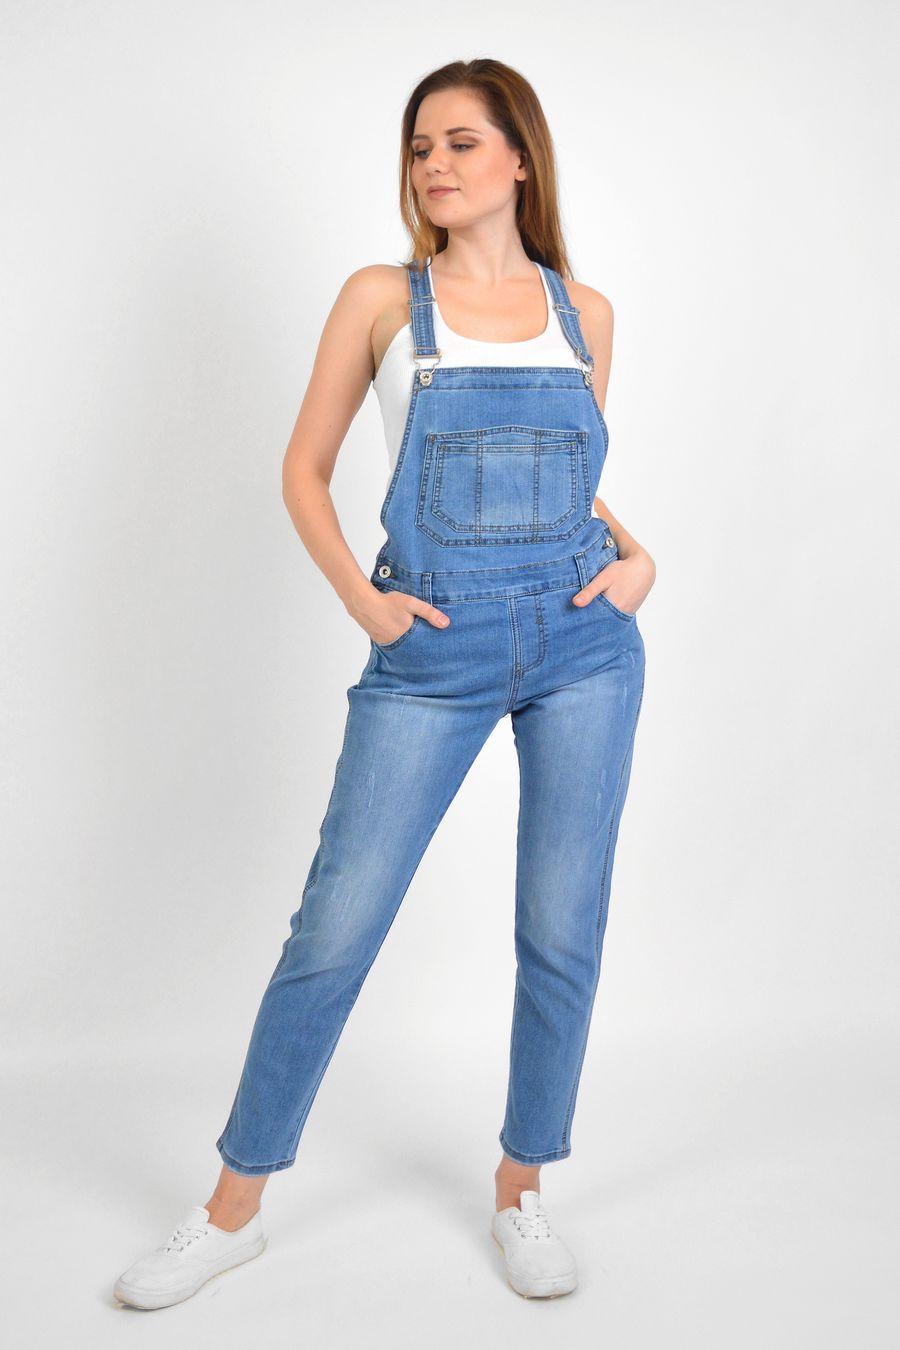 Комбинезон женский Baccino 3041 джинсовый - фото 3